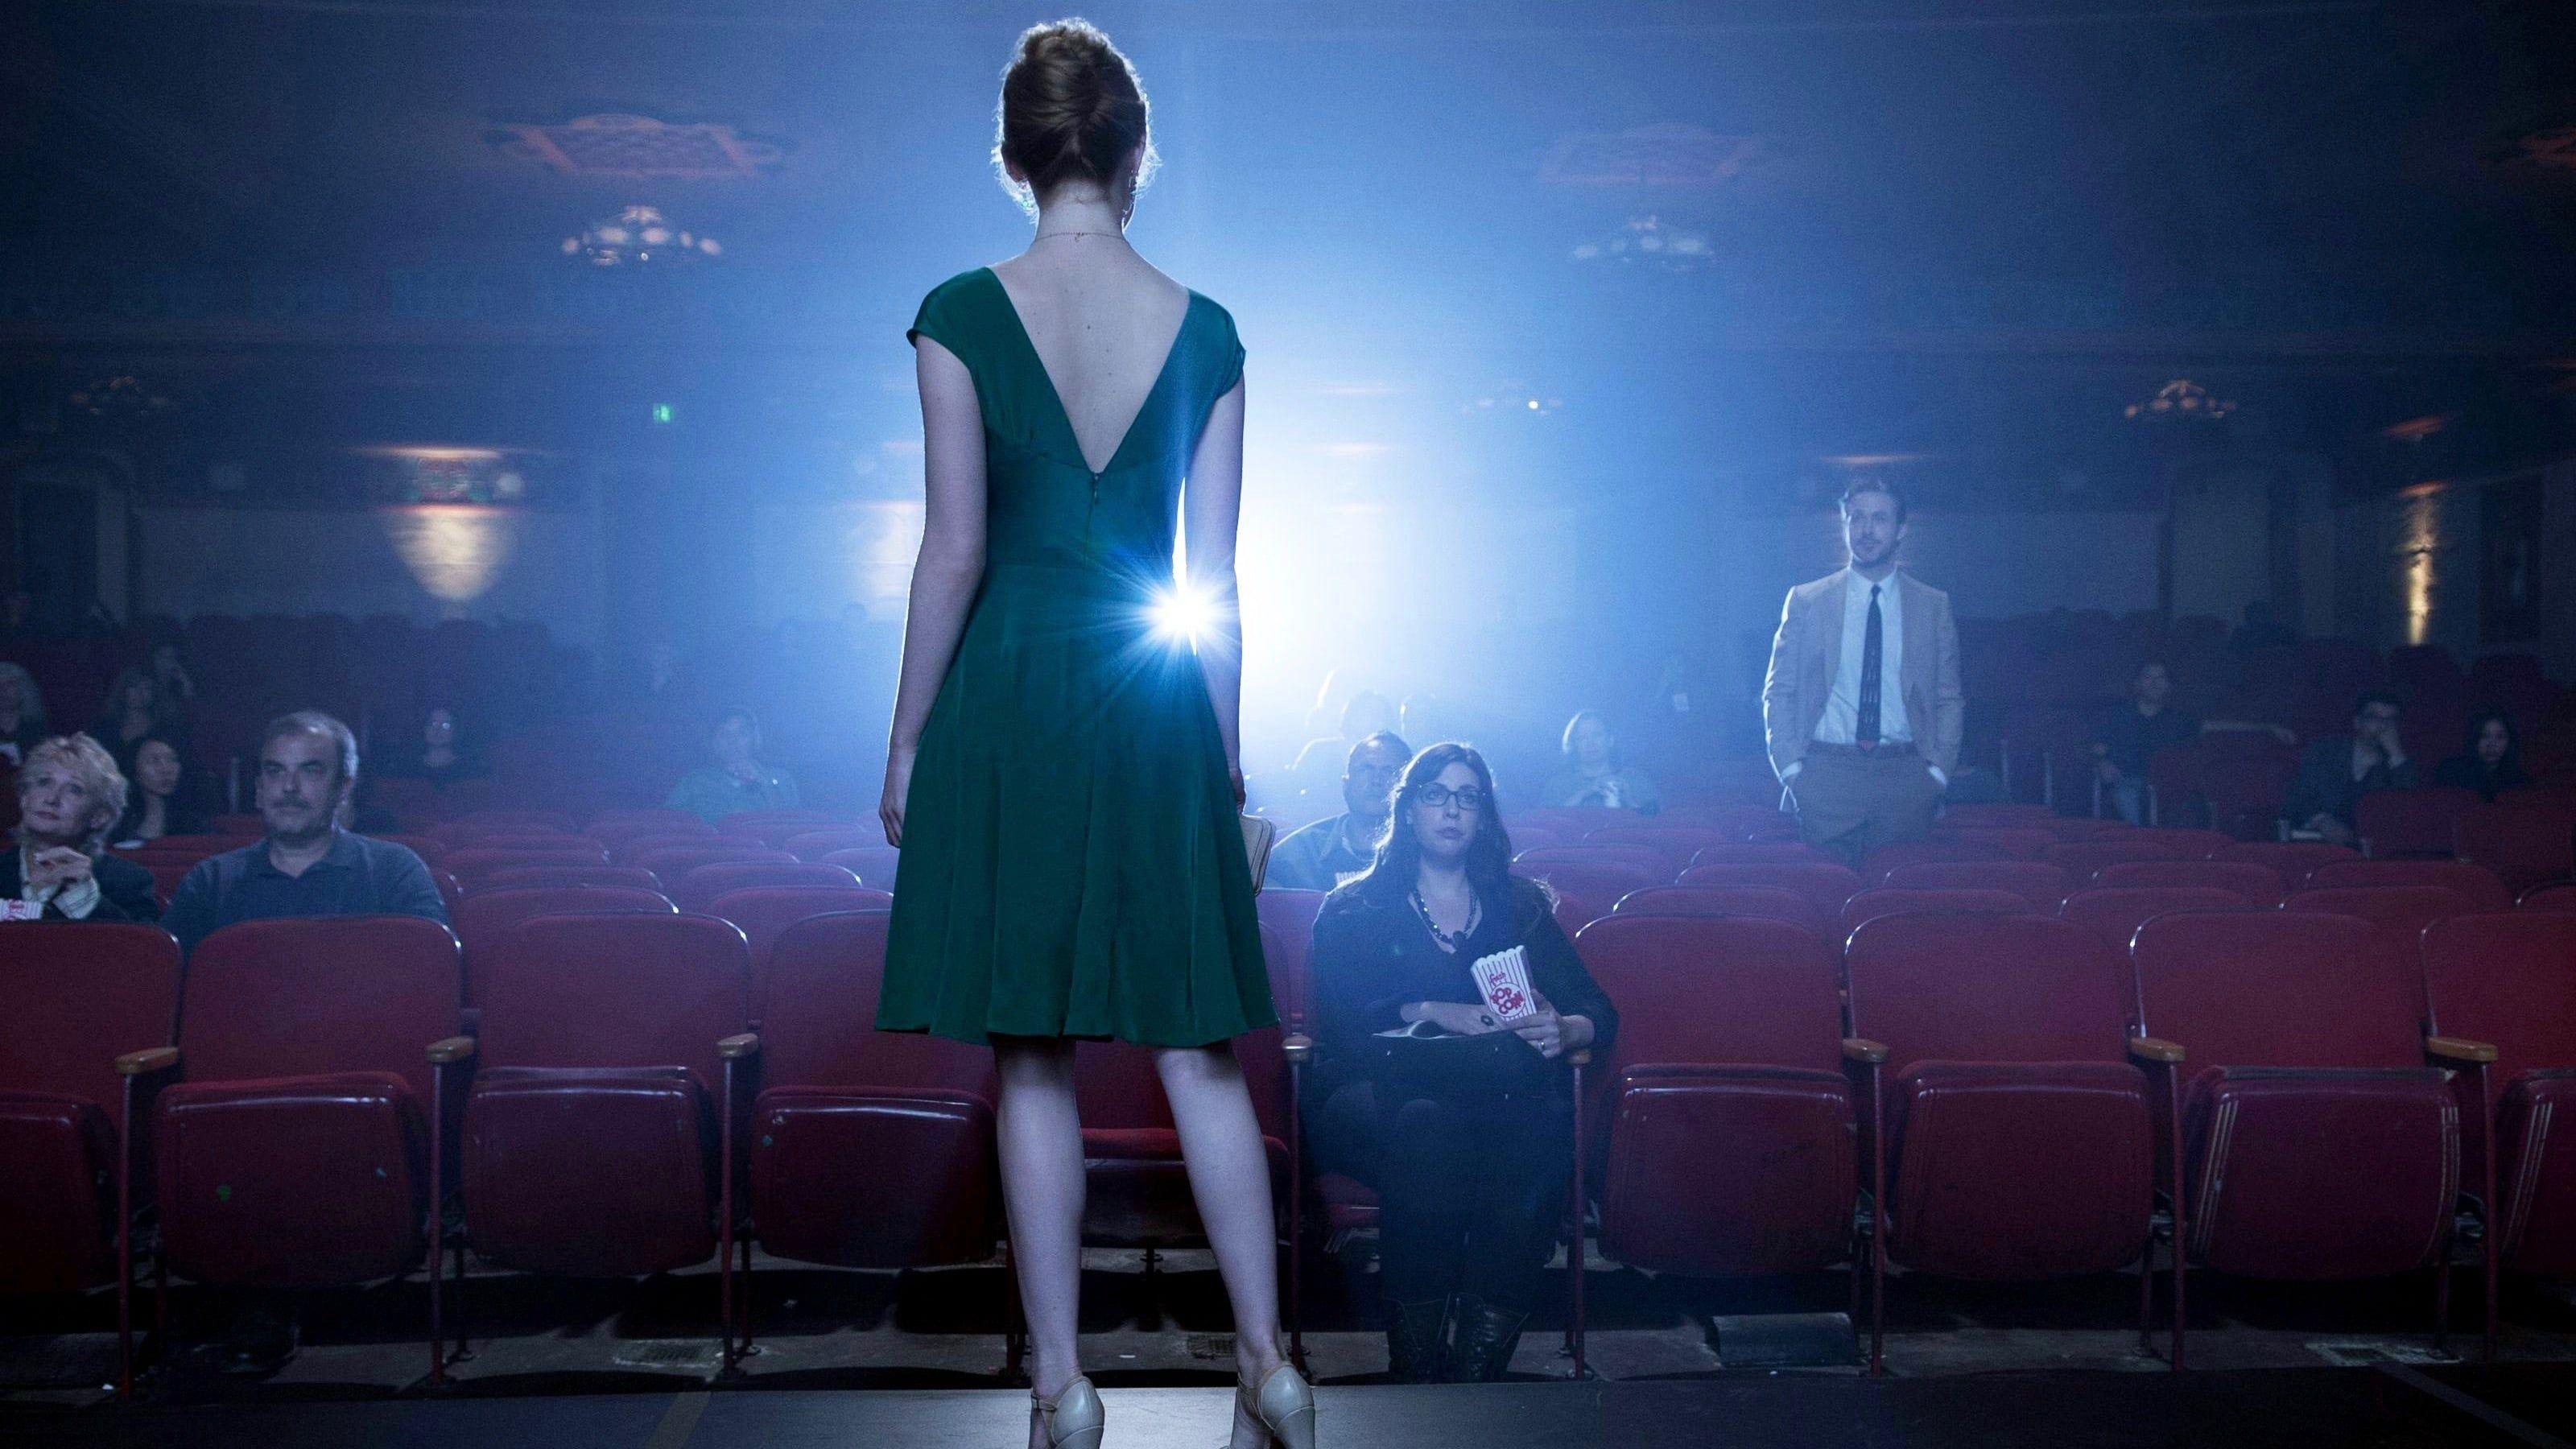 La La Land 2016 Ganzer Film Deutsch Komplett Kino Mia Ist Eine Leidenschaftliche Schauspielerin Die Ihr Gluck In Los Angeles Such La La Land Filme Ganze Filme